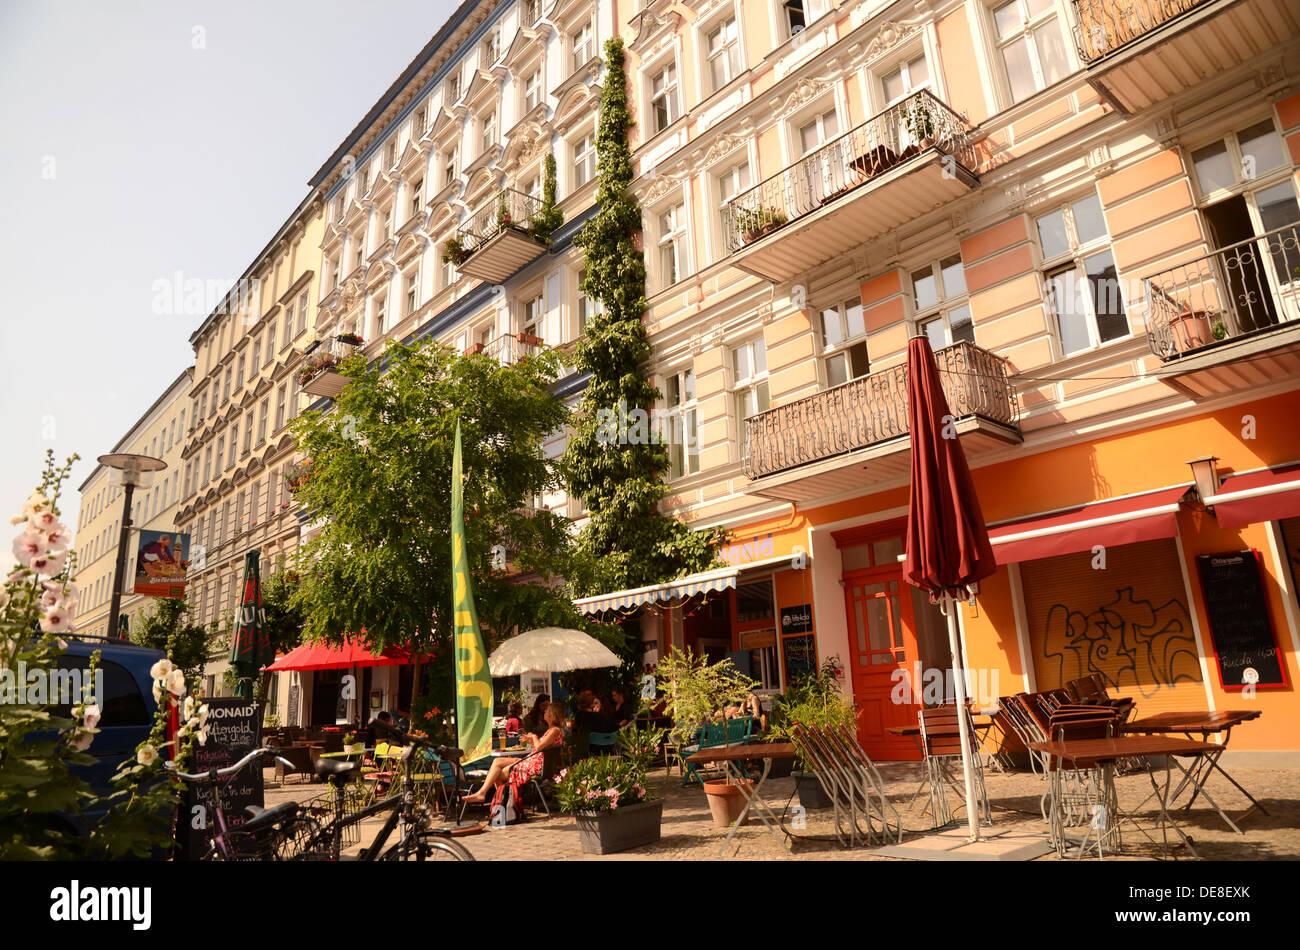 A Pedestrian Street In Prenzlauerberg Berlin Germany Stock Photo